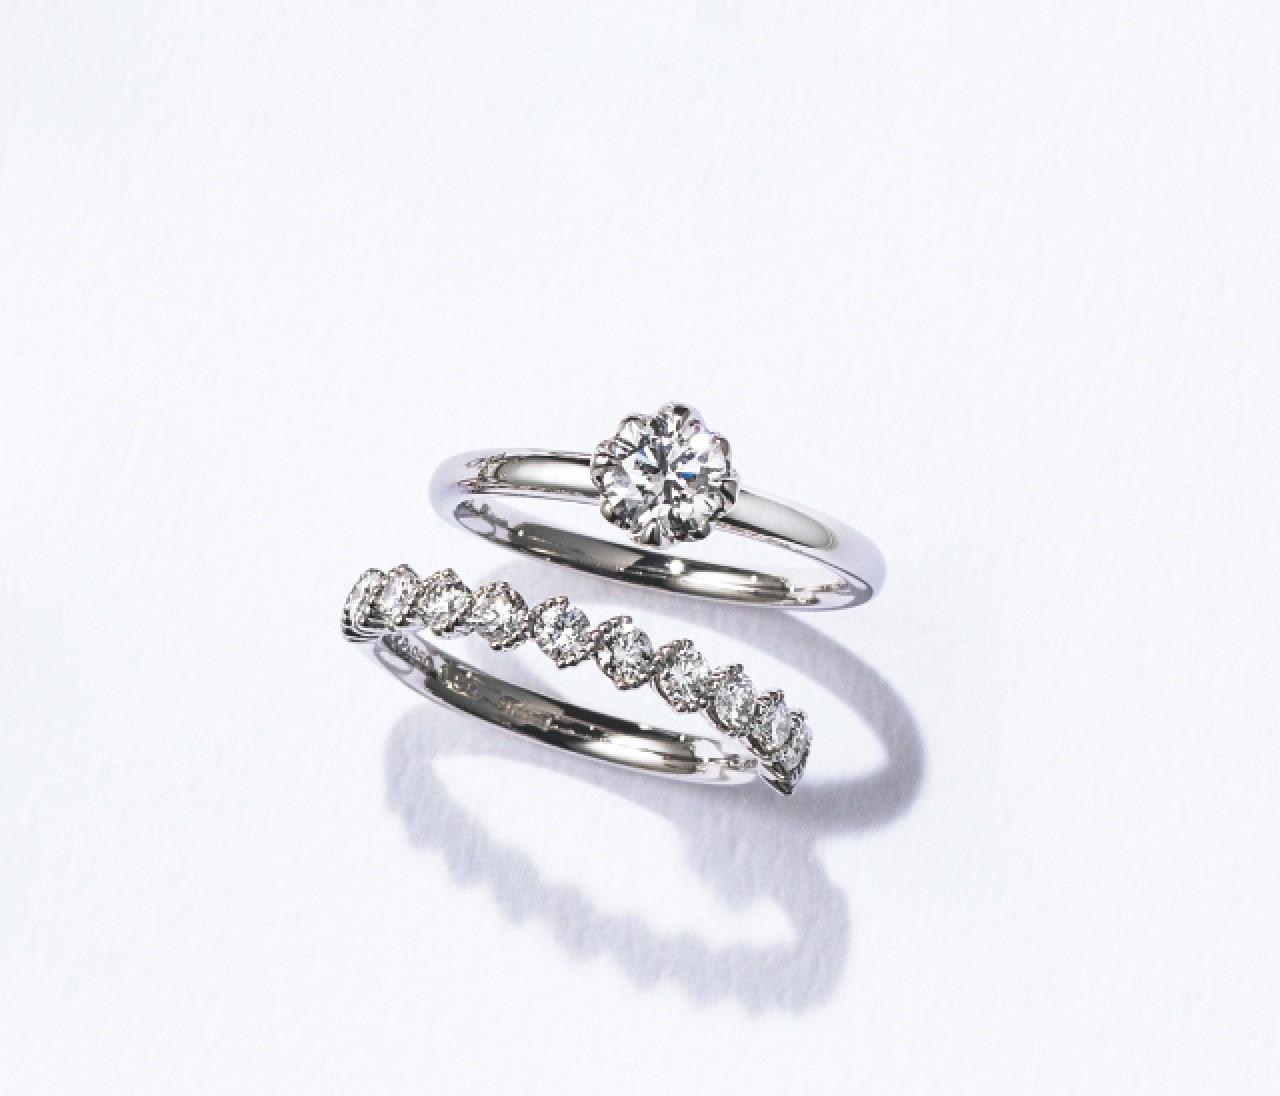 「クラシカル派」の花嫁が長く愛せる、最愛ブランドのウエディングリング